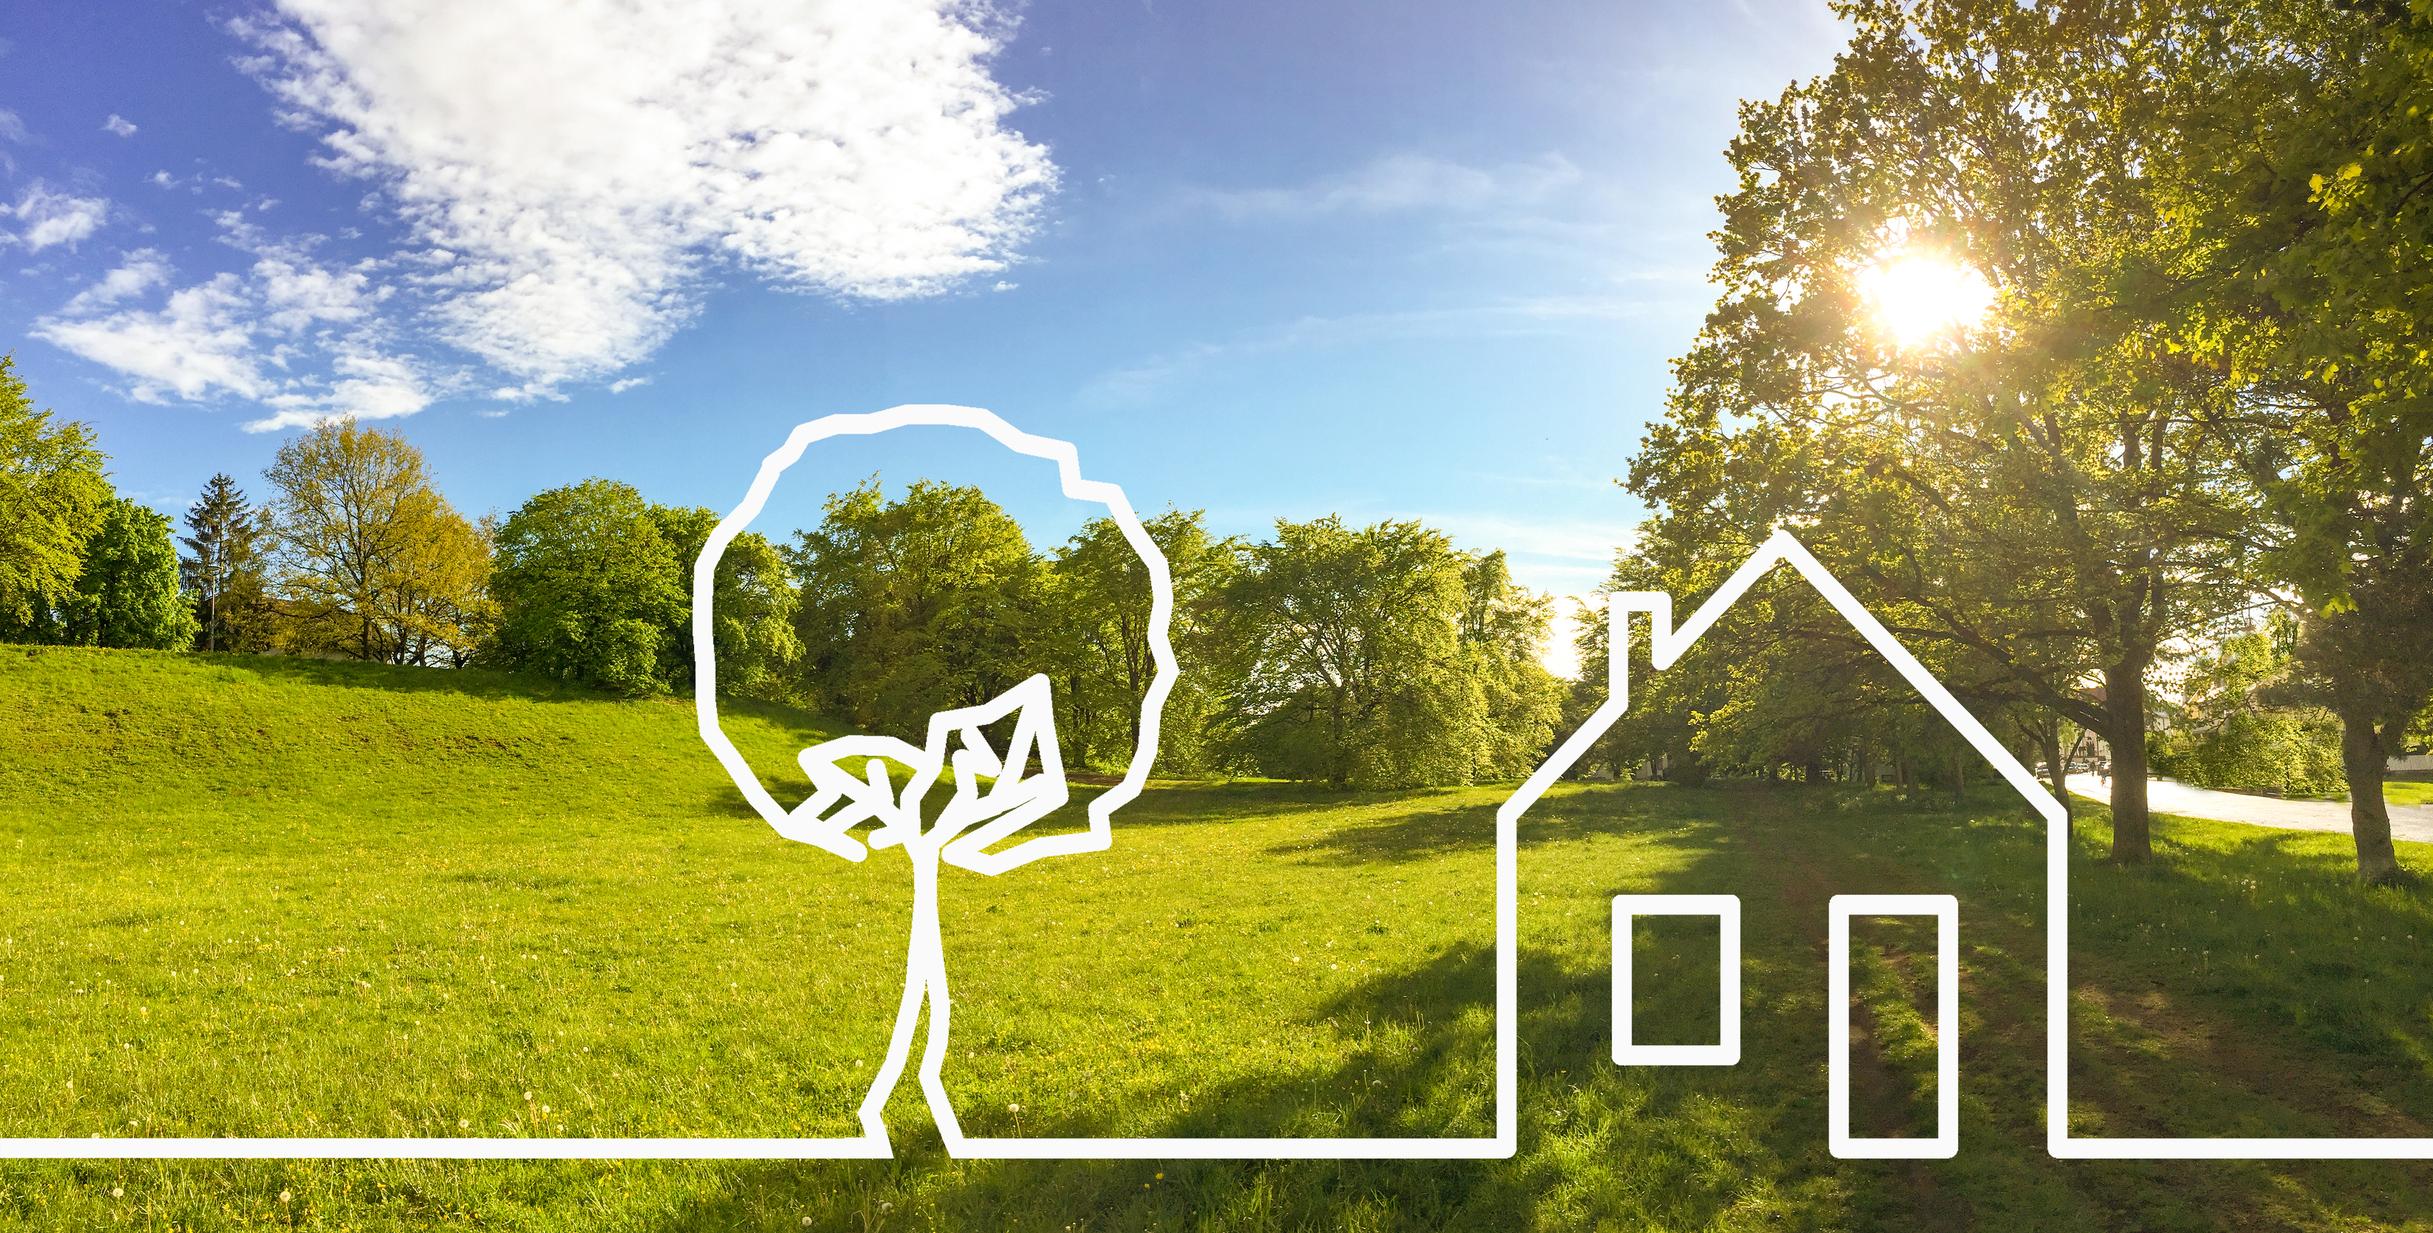 Umweltgerechtes Wohnen und Nachhaltiges Bauen